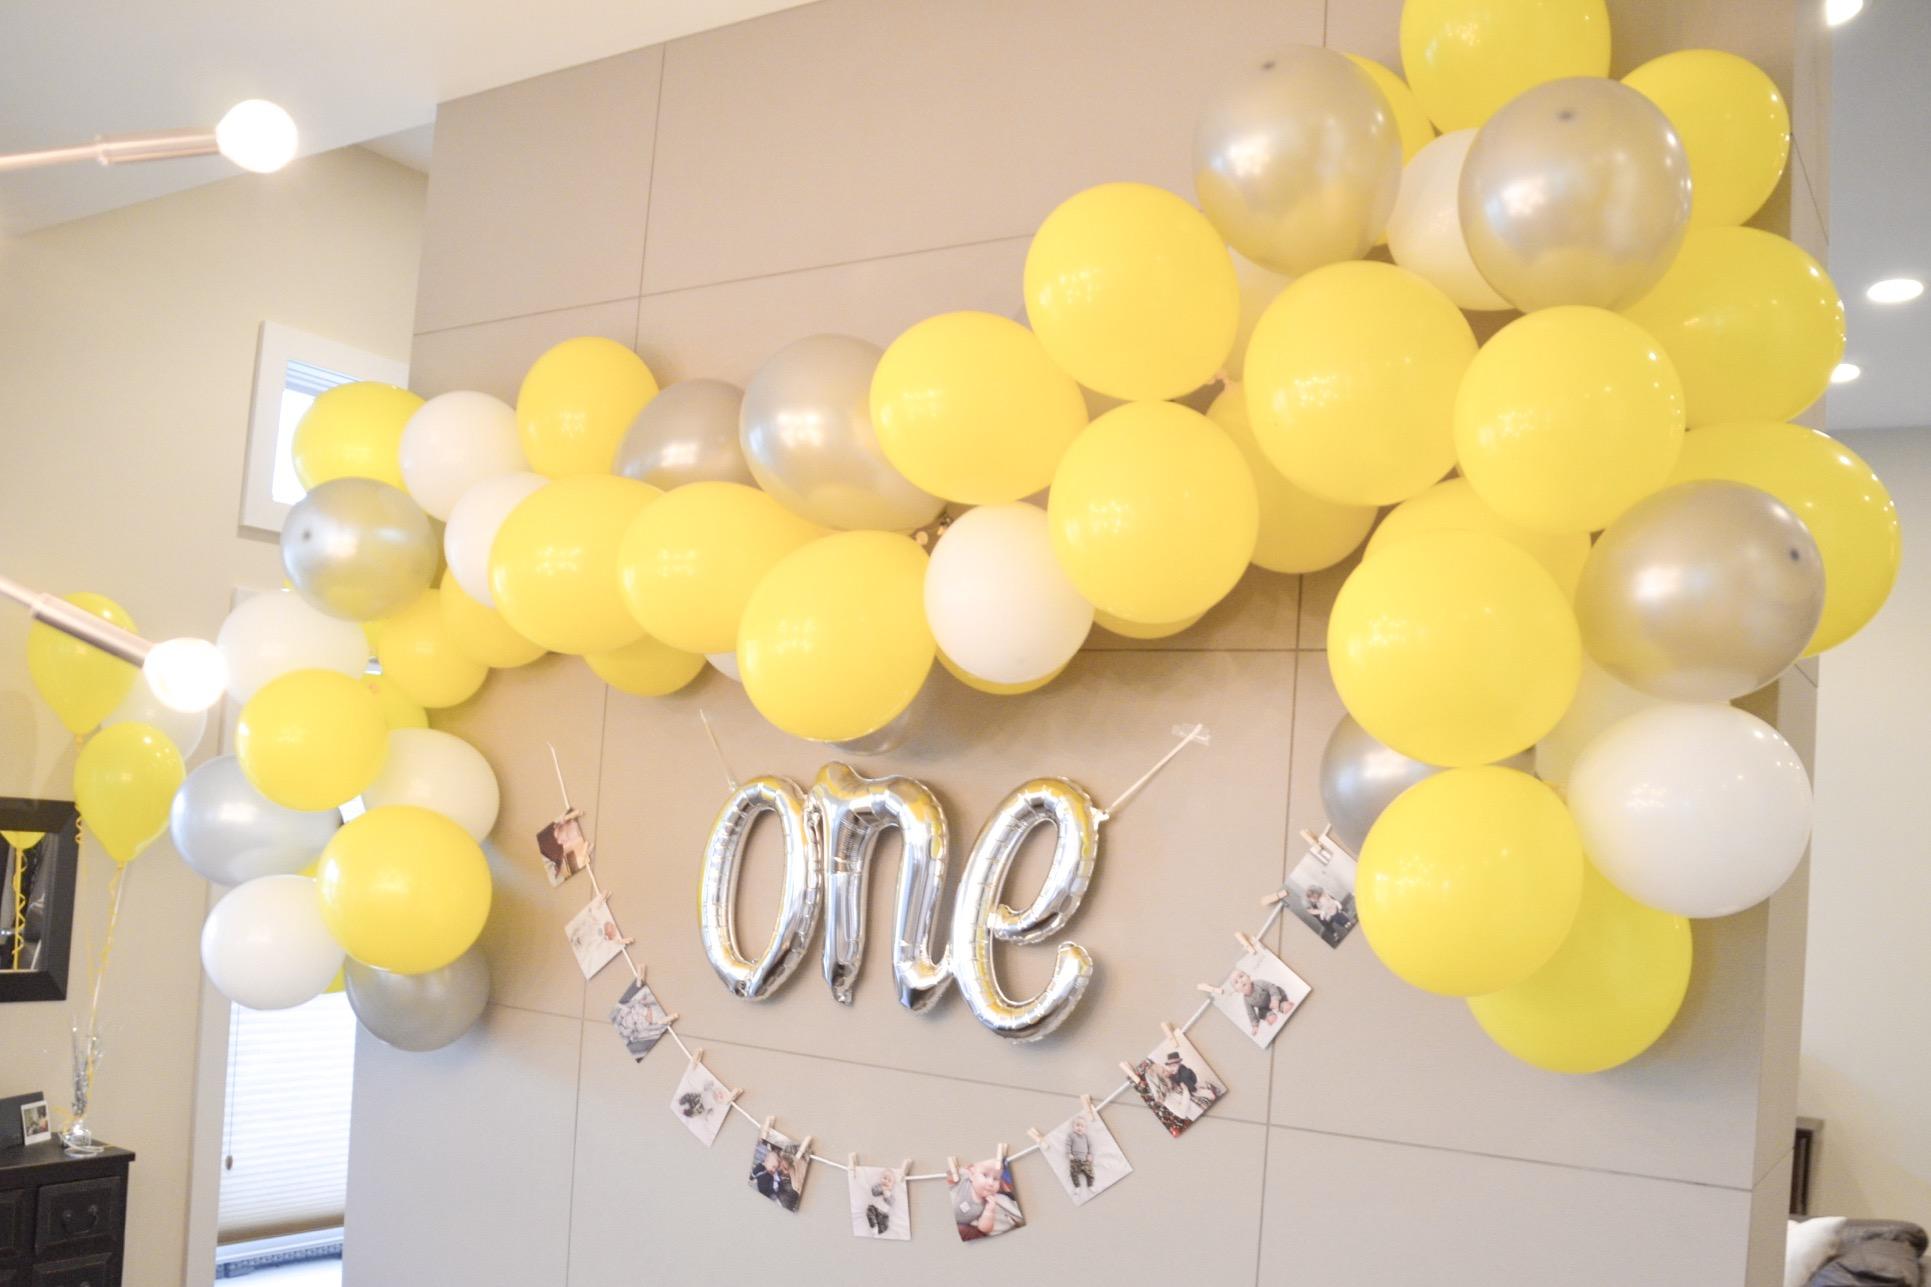 DIY-Balloon-Arch-5.JPG